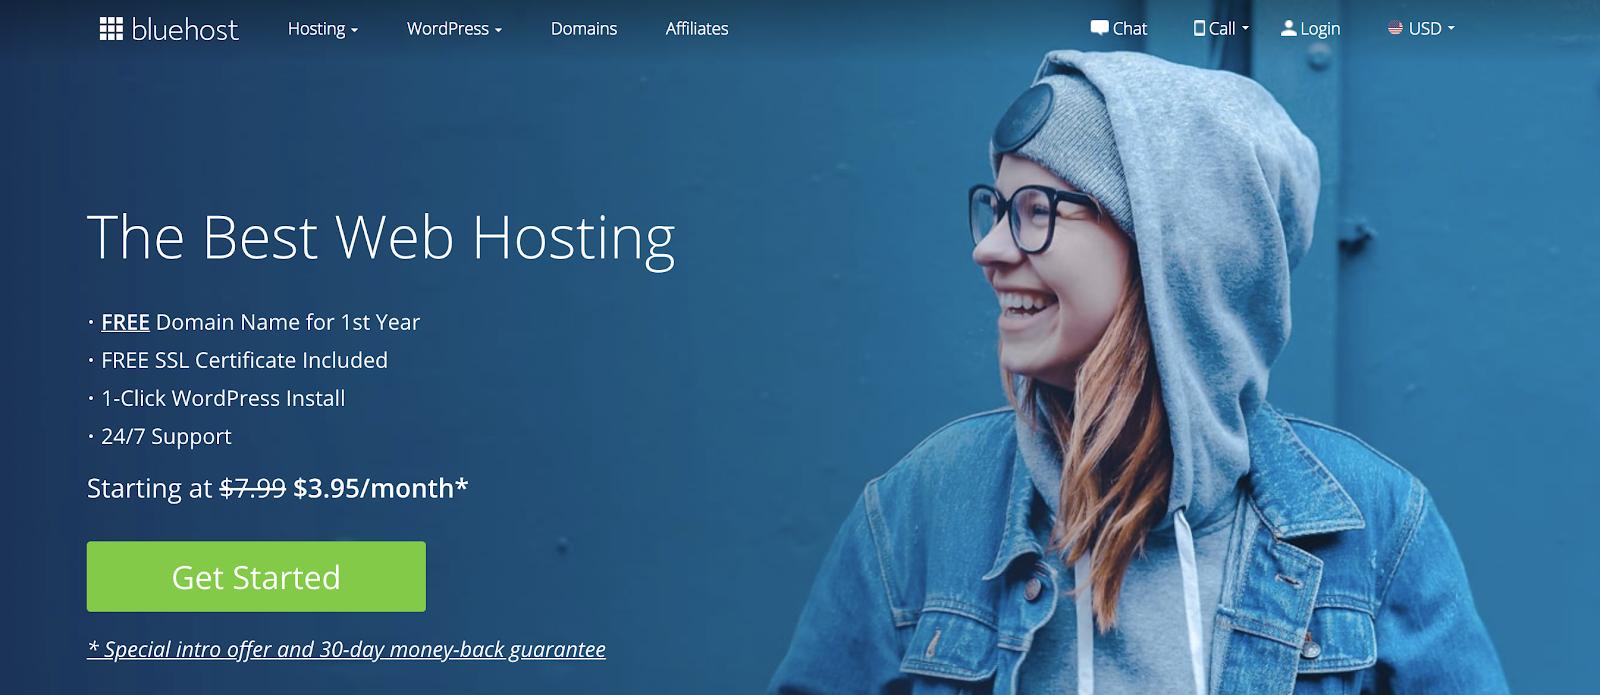 Blog alojado en WordPress Página de inicio de Bluehost